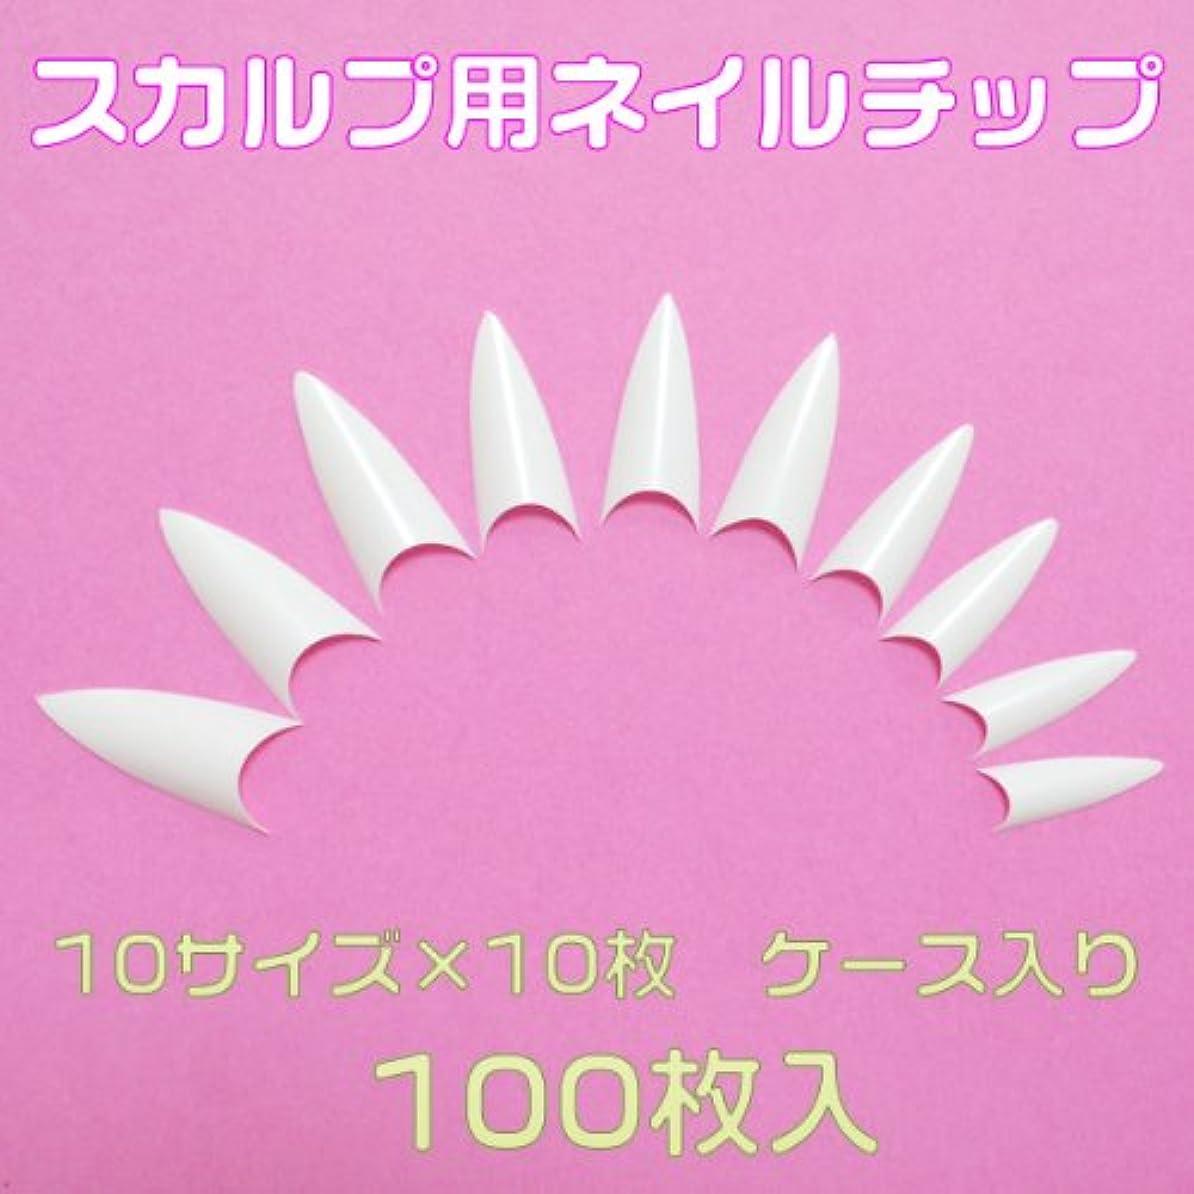 ハンディ戸棚血まみれシャープポイント 先端が尖ったネイルチップ10サイズ100枚 白 ケース入[#c4]とんがりネイルチップ